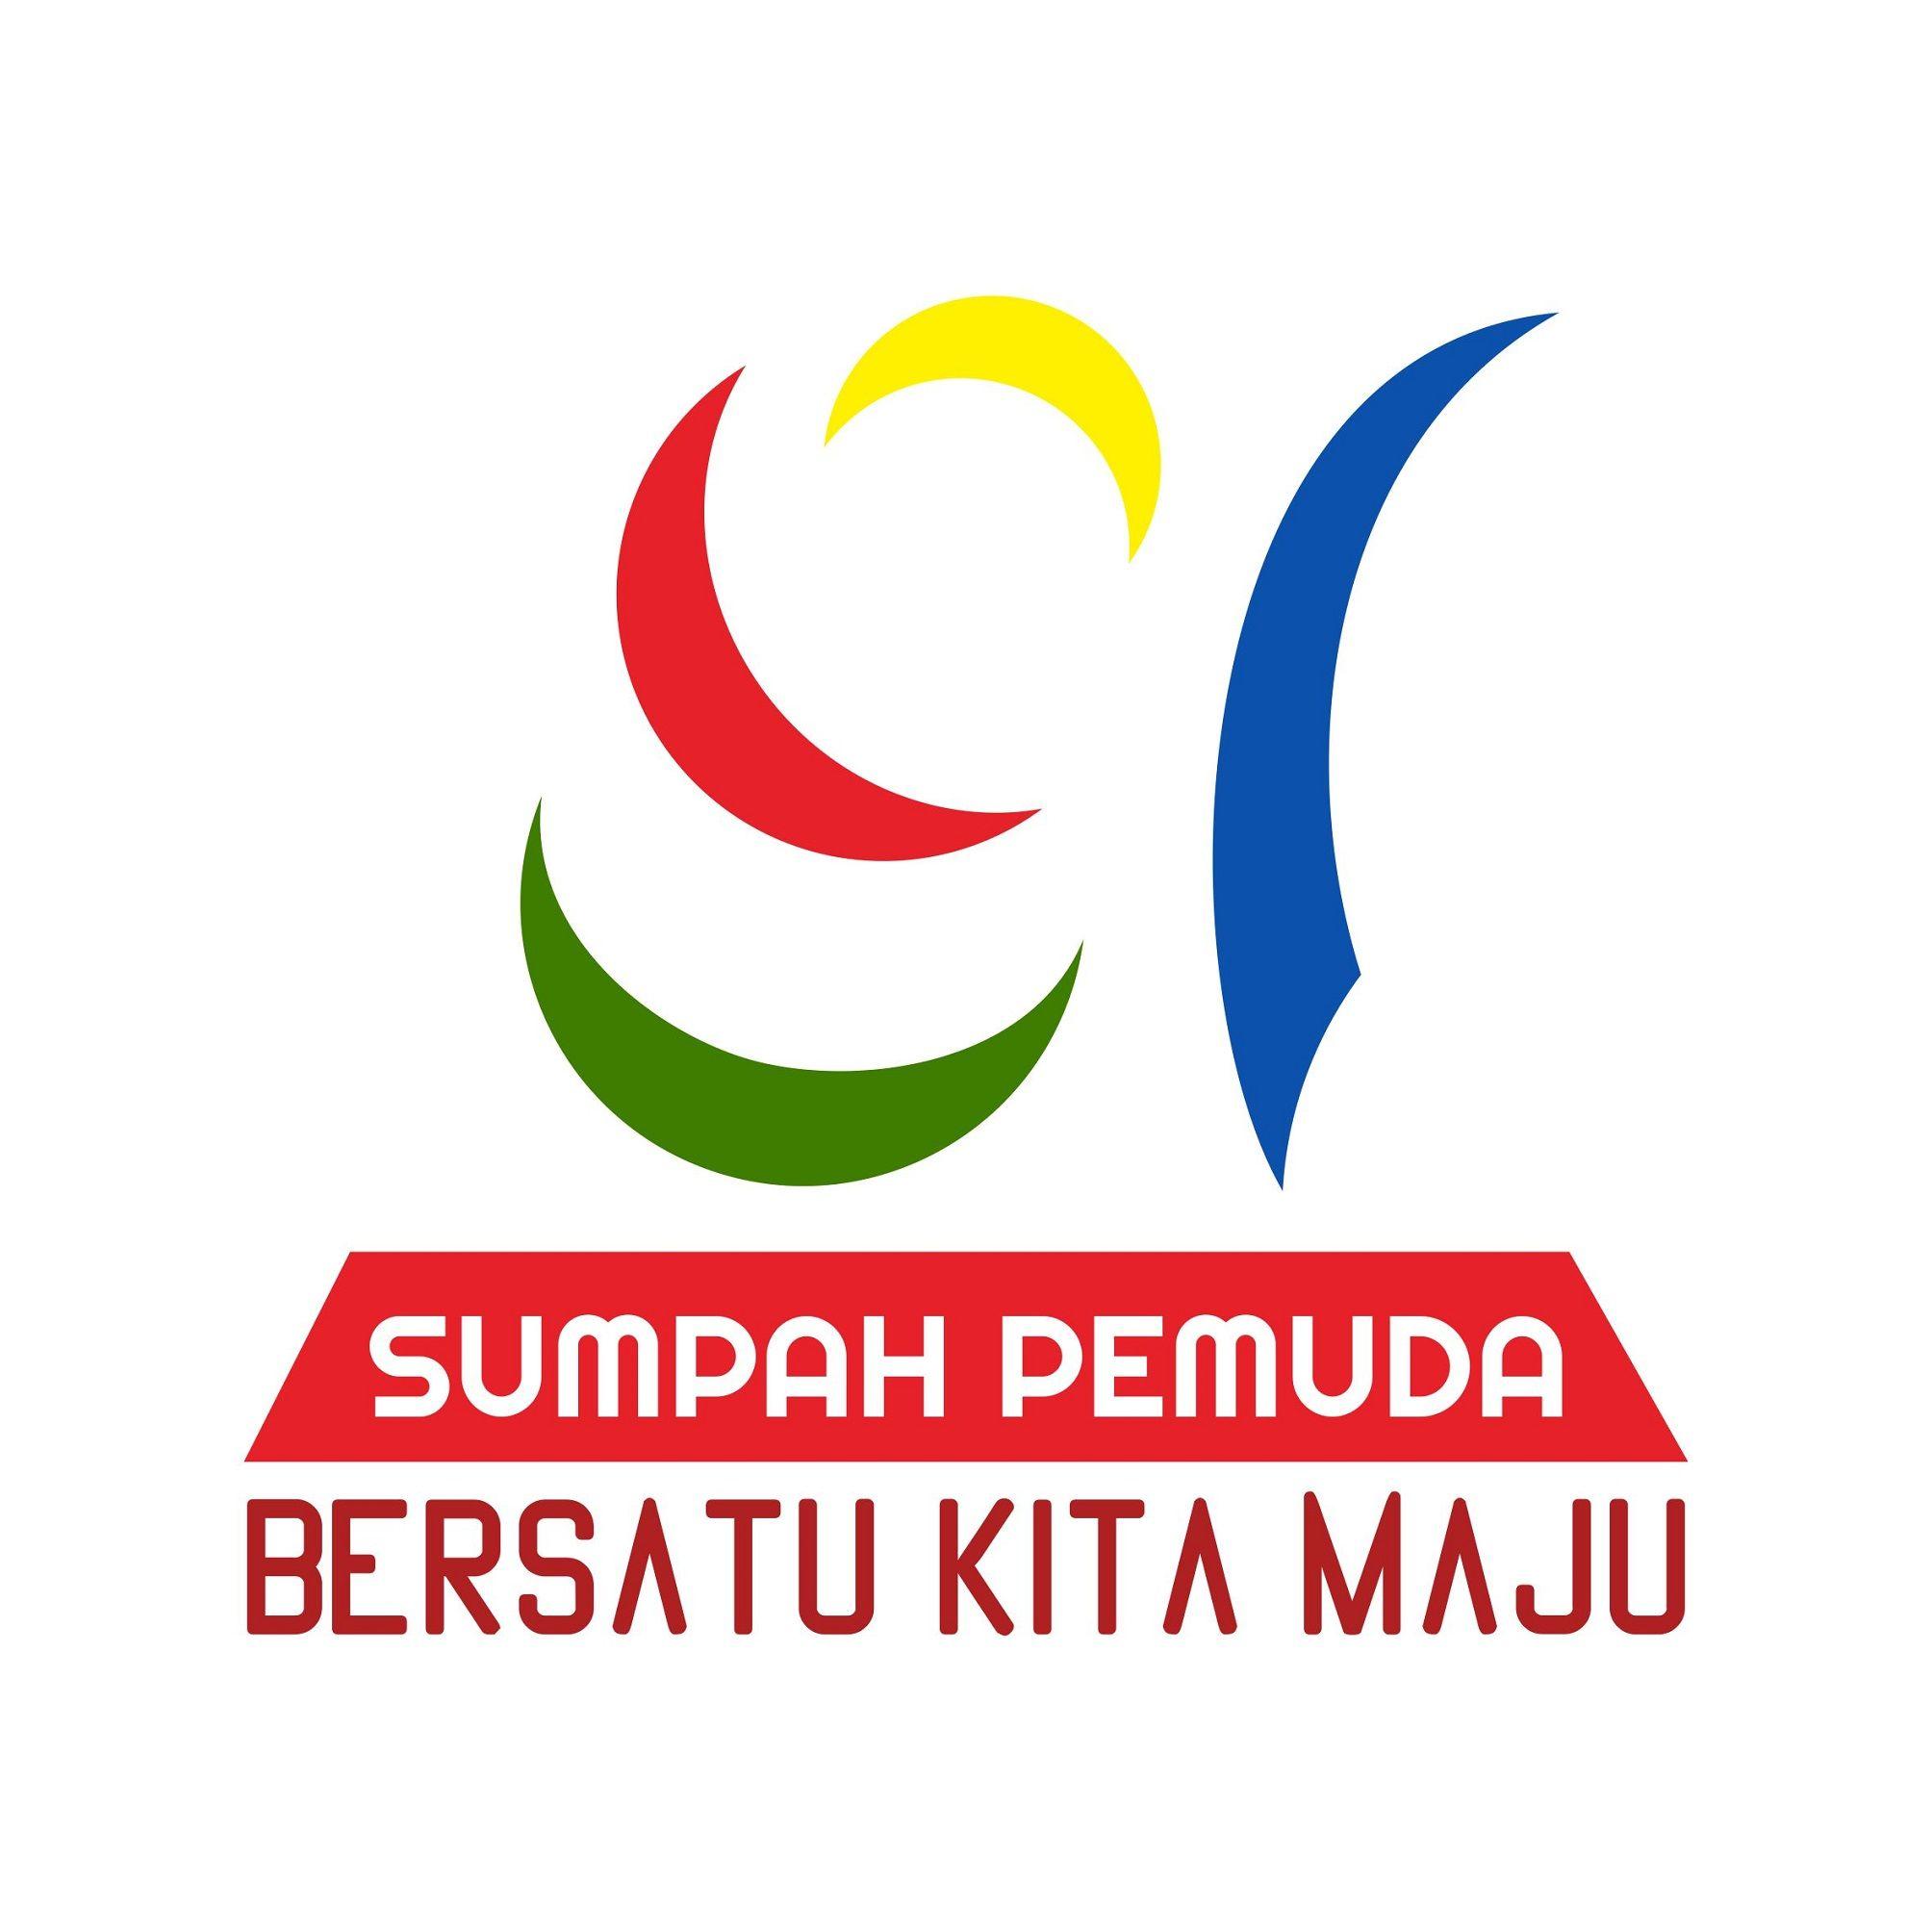 Begini Makna Logo Hari Sumpah Pemuda Hsp 2019 Kompasianacom